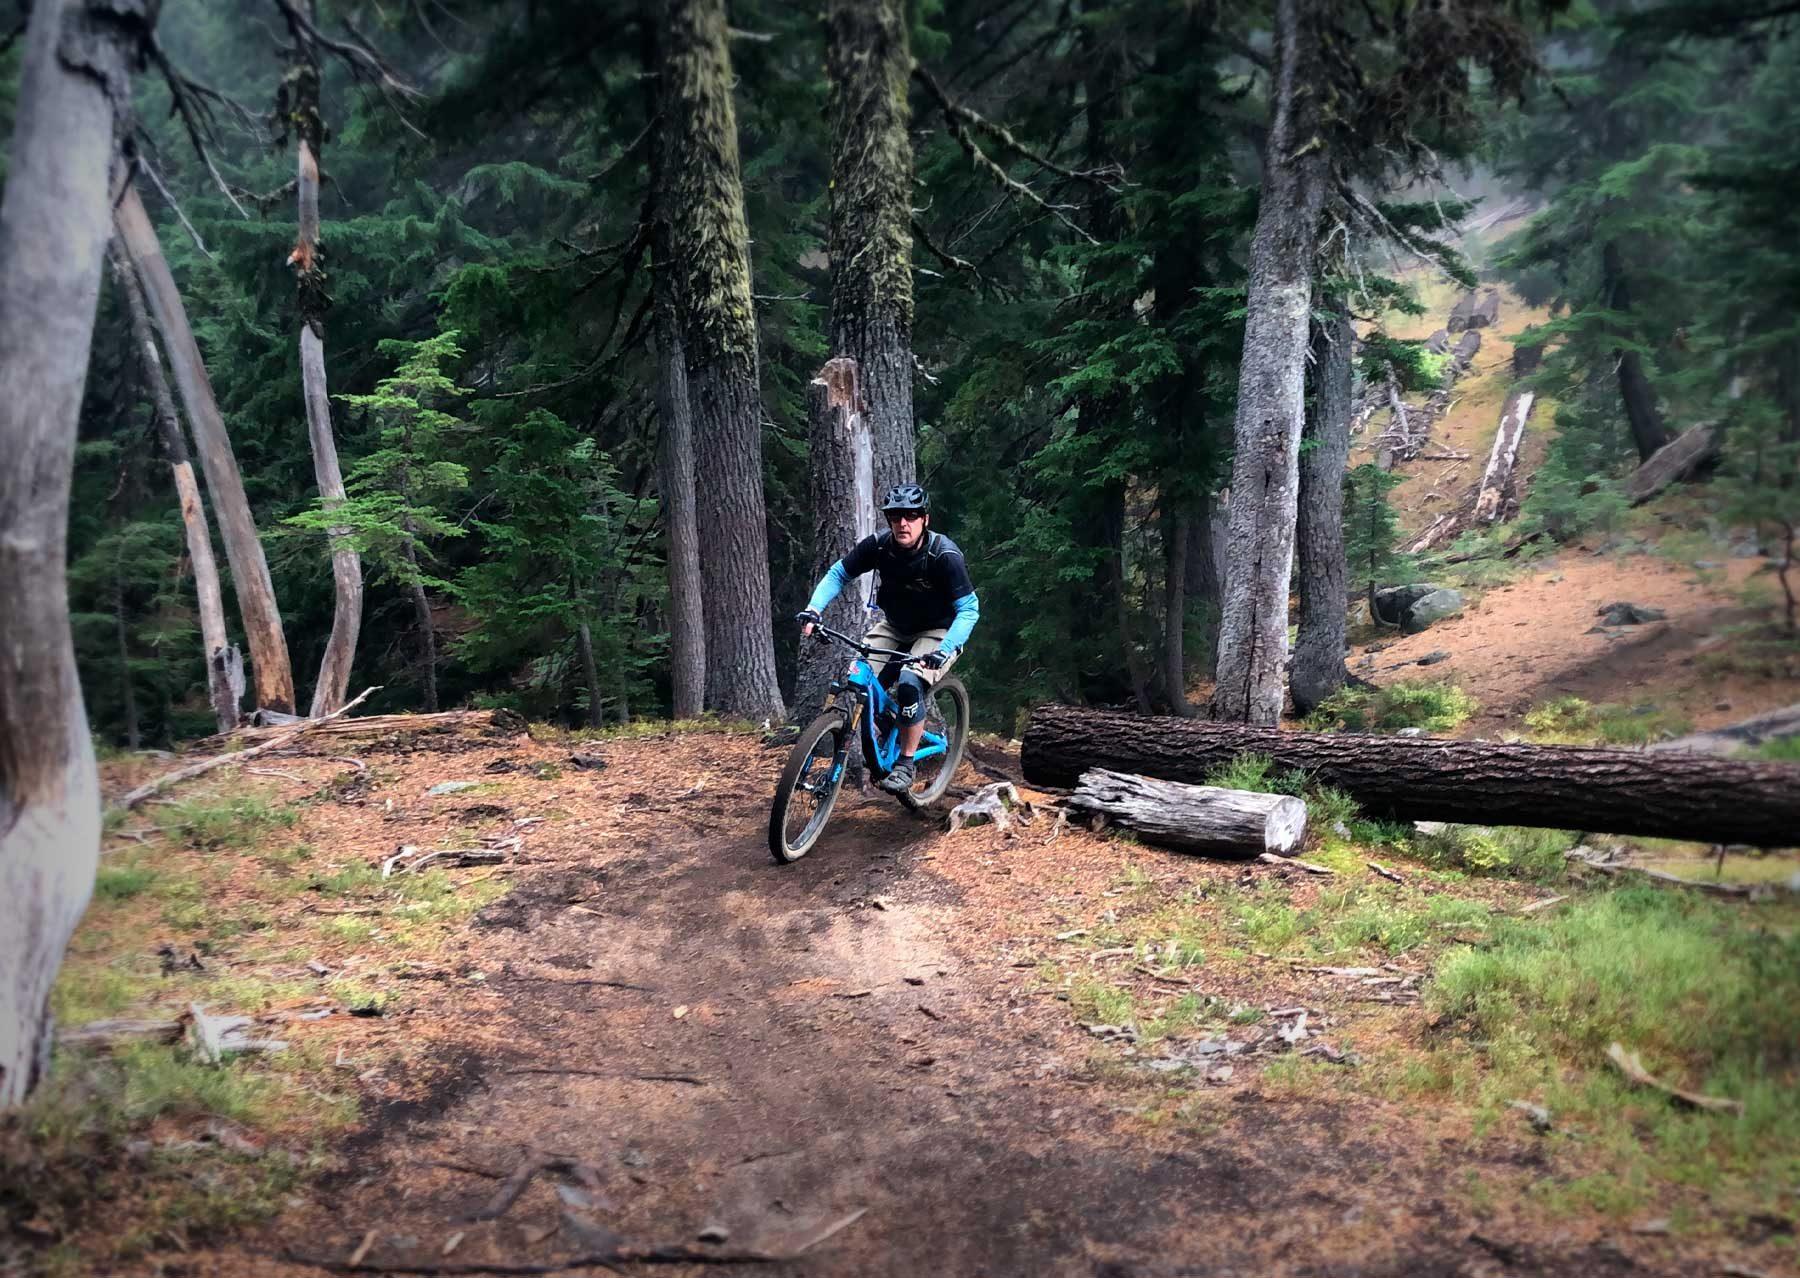 Mountain Biking the Metolius Windigo Trail